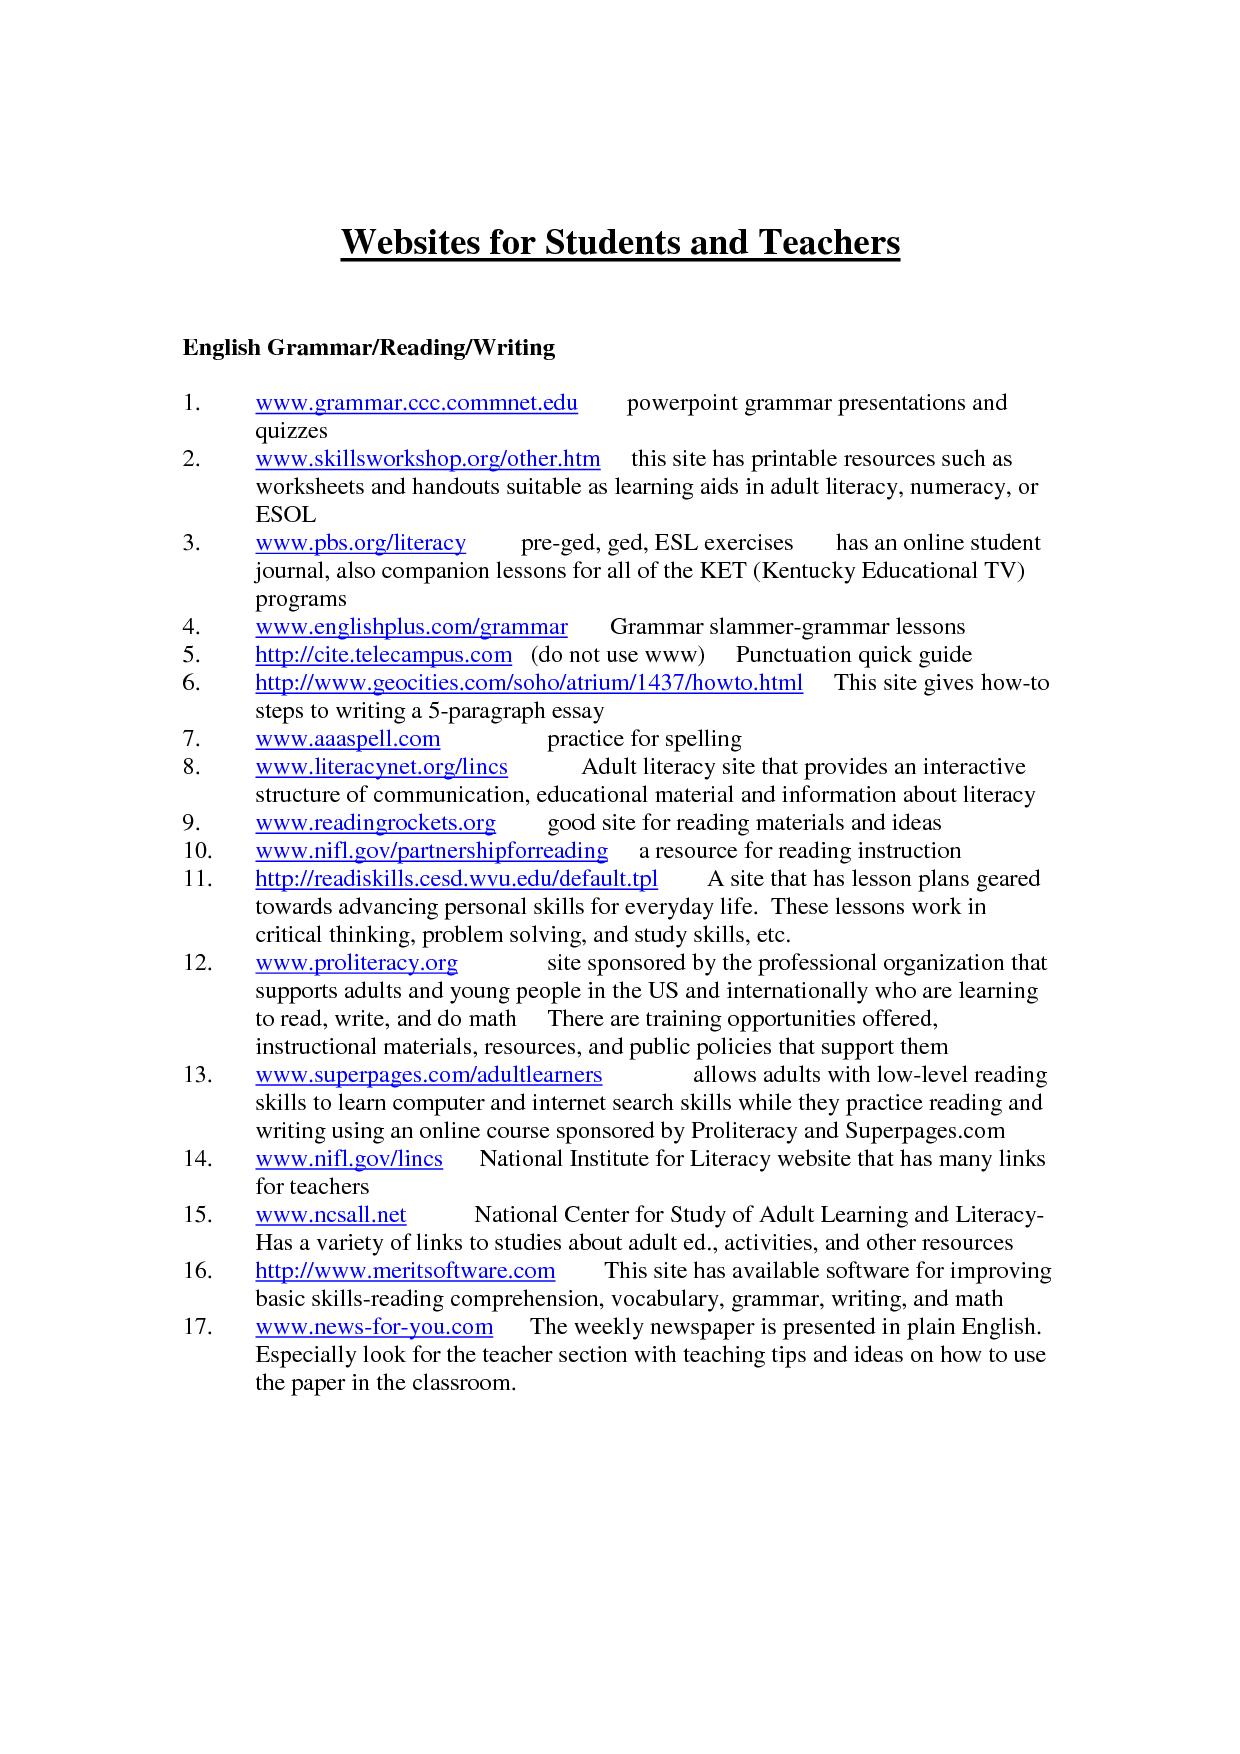 Worksheet. Ged Science Worksheets. Worksheet Fun Worksheet Study Site - Free Printable Ged Science Worksheets